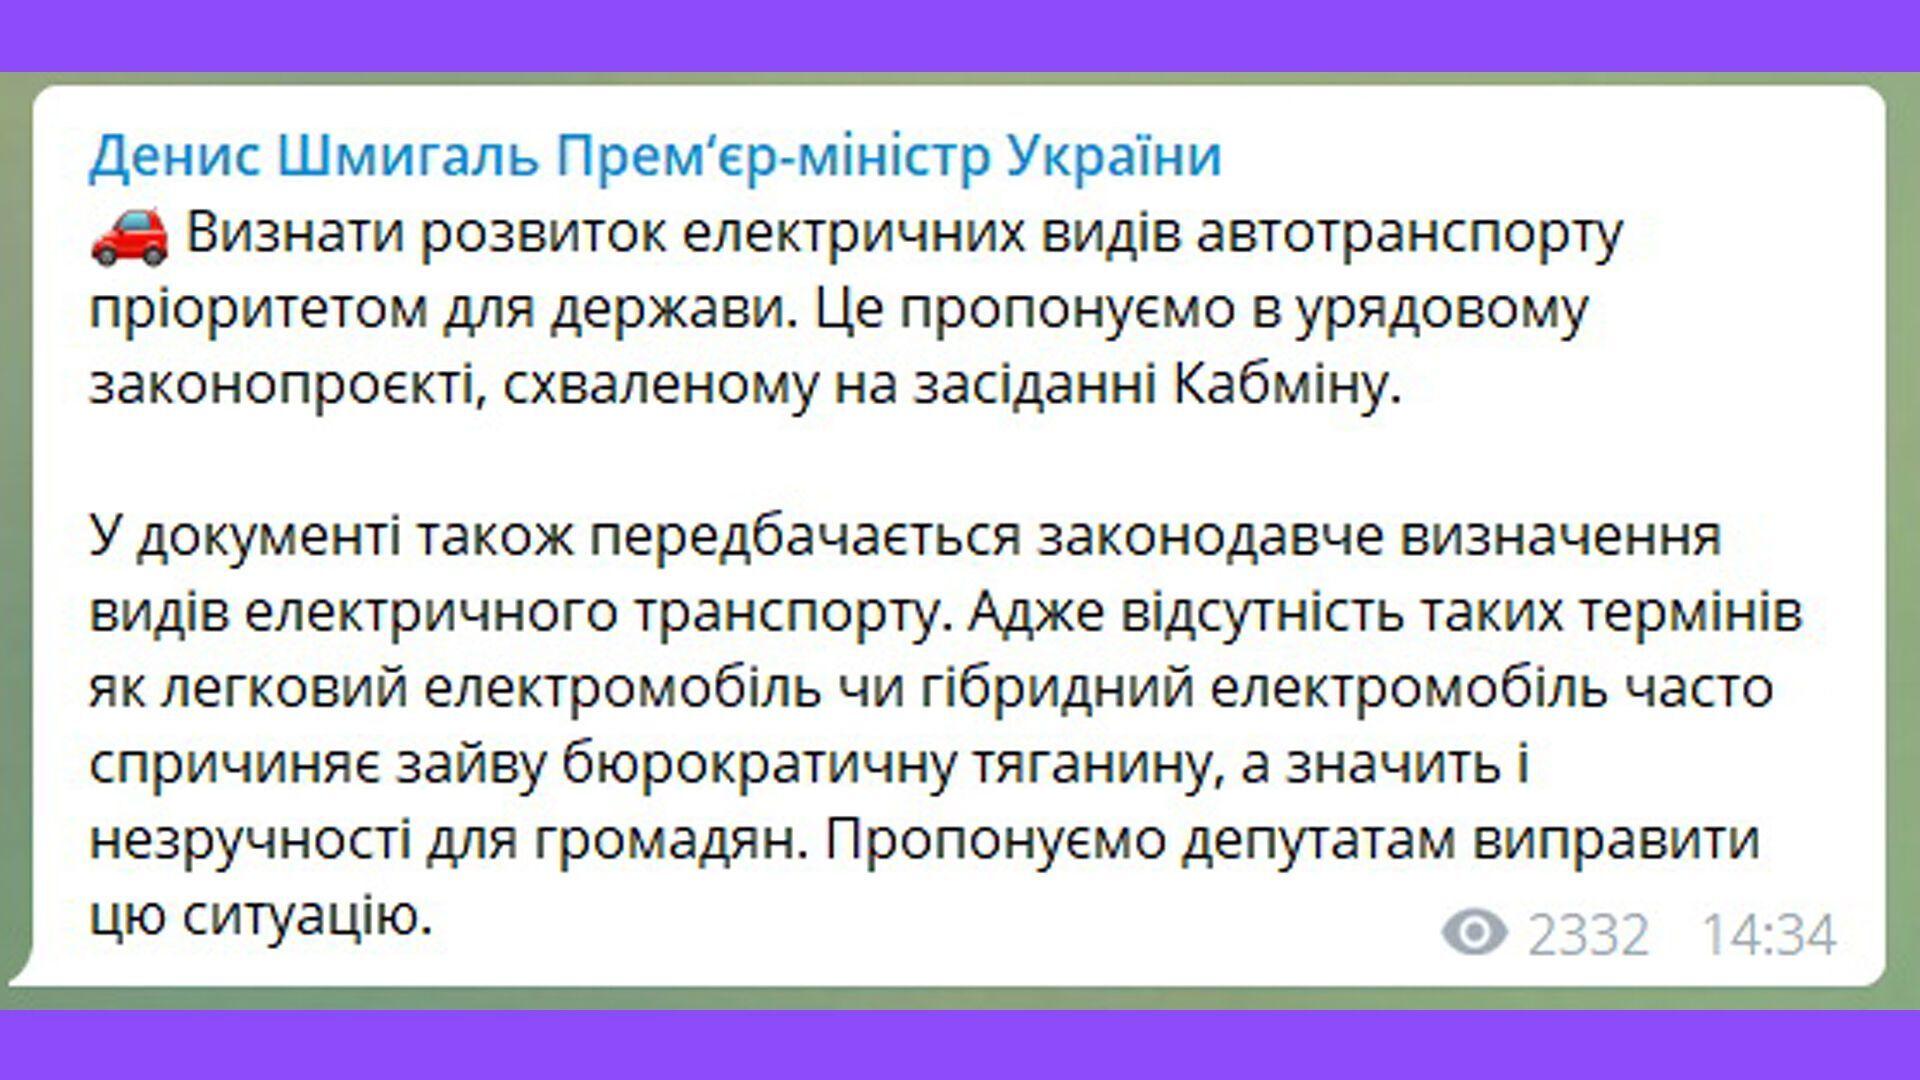 Кабмин поддержал электромобили законопроектом. Фото: